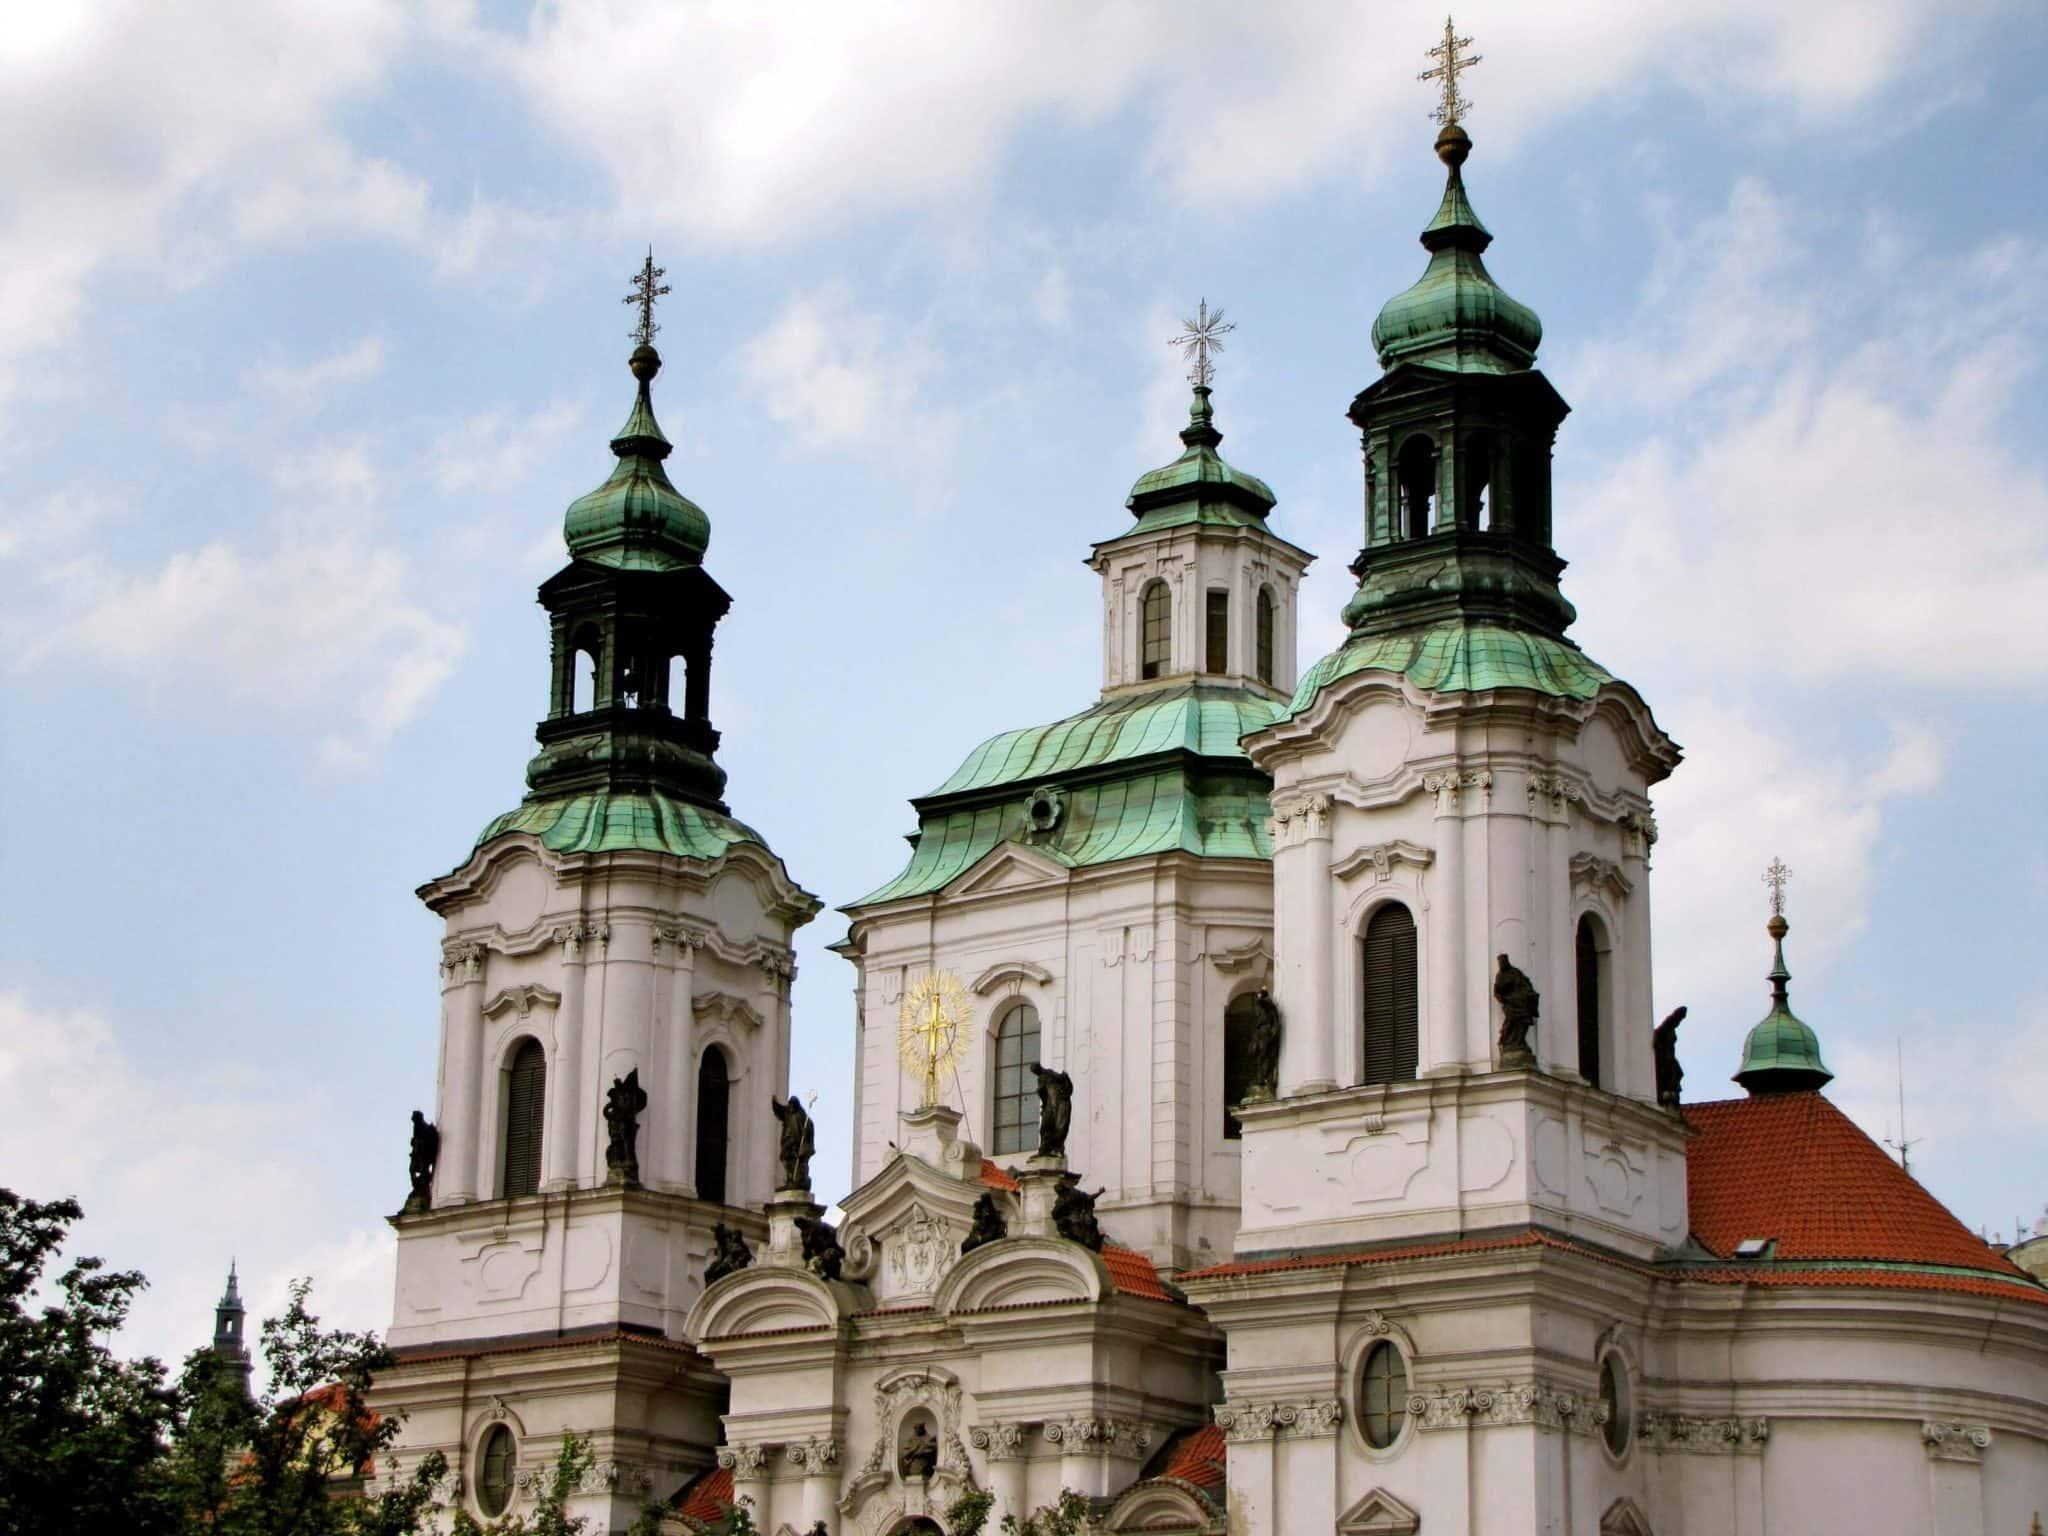 st-nicholas-church